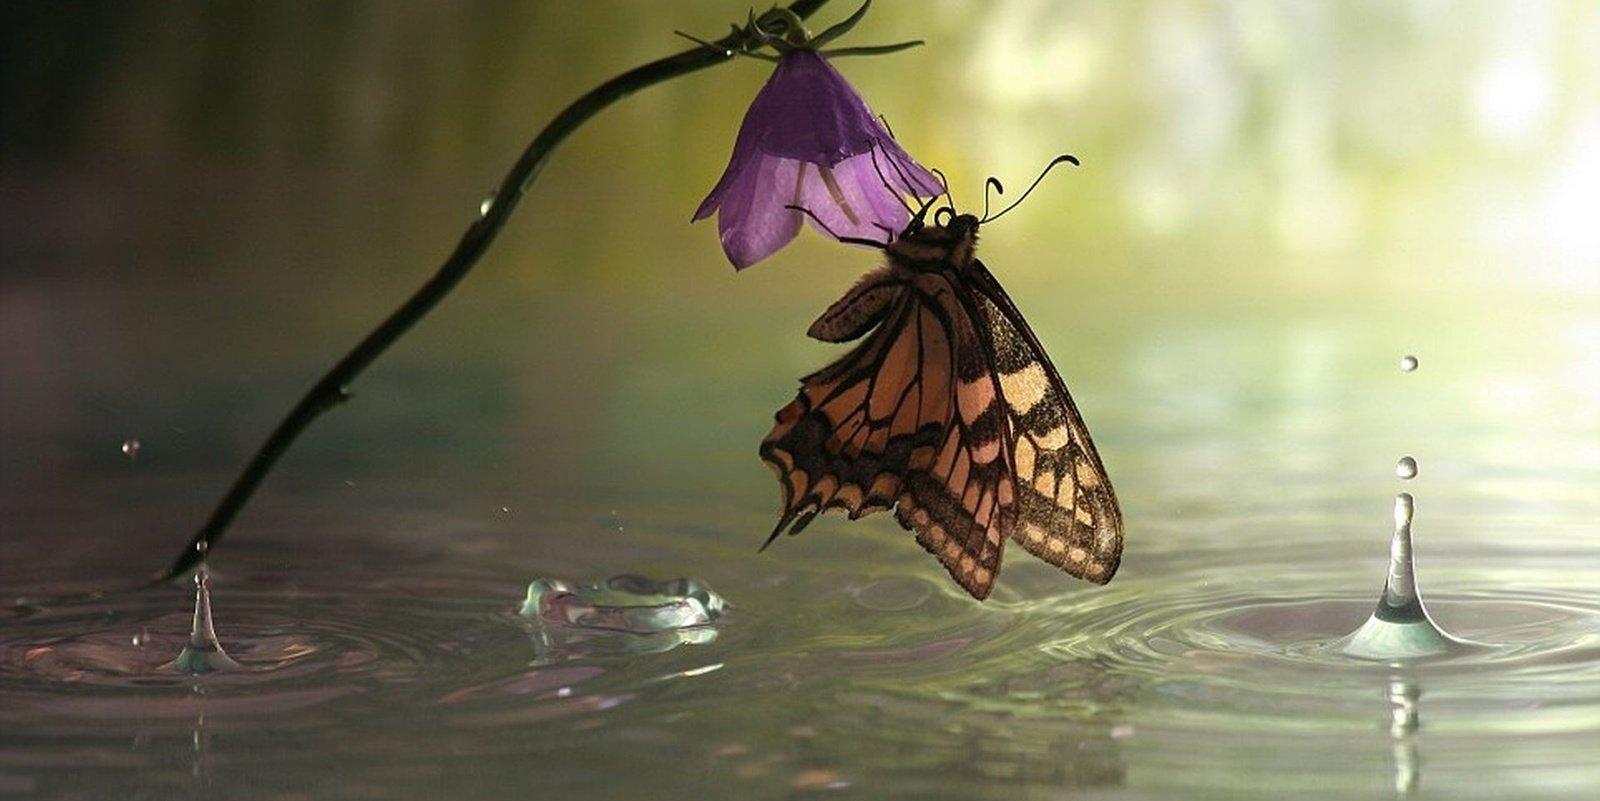 Насекомое, птица и растение: защита от разрушительной силы дождя за счет наноструктур - 1